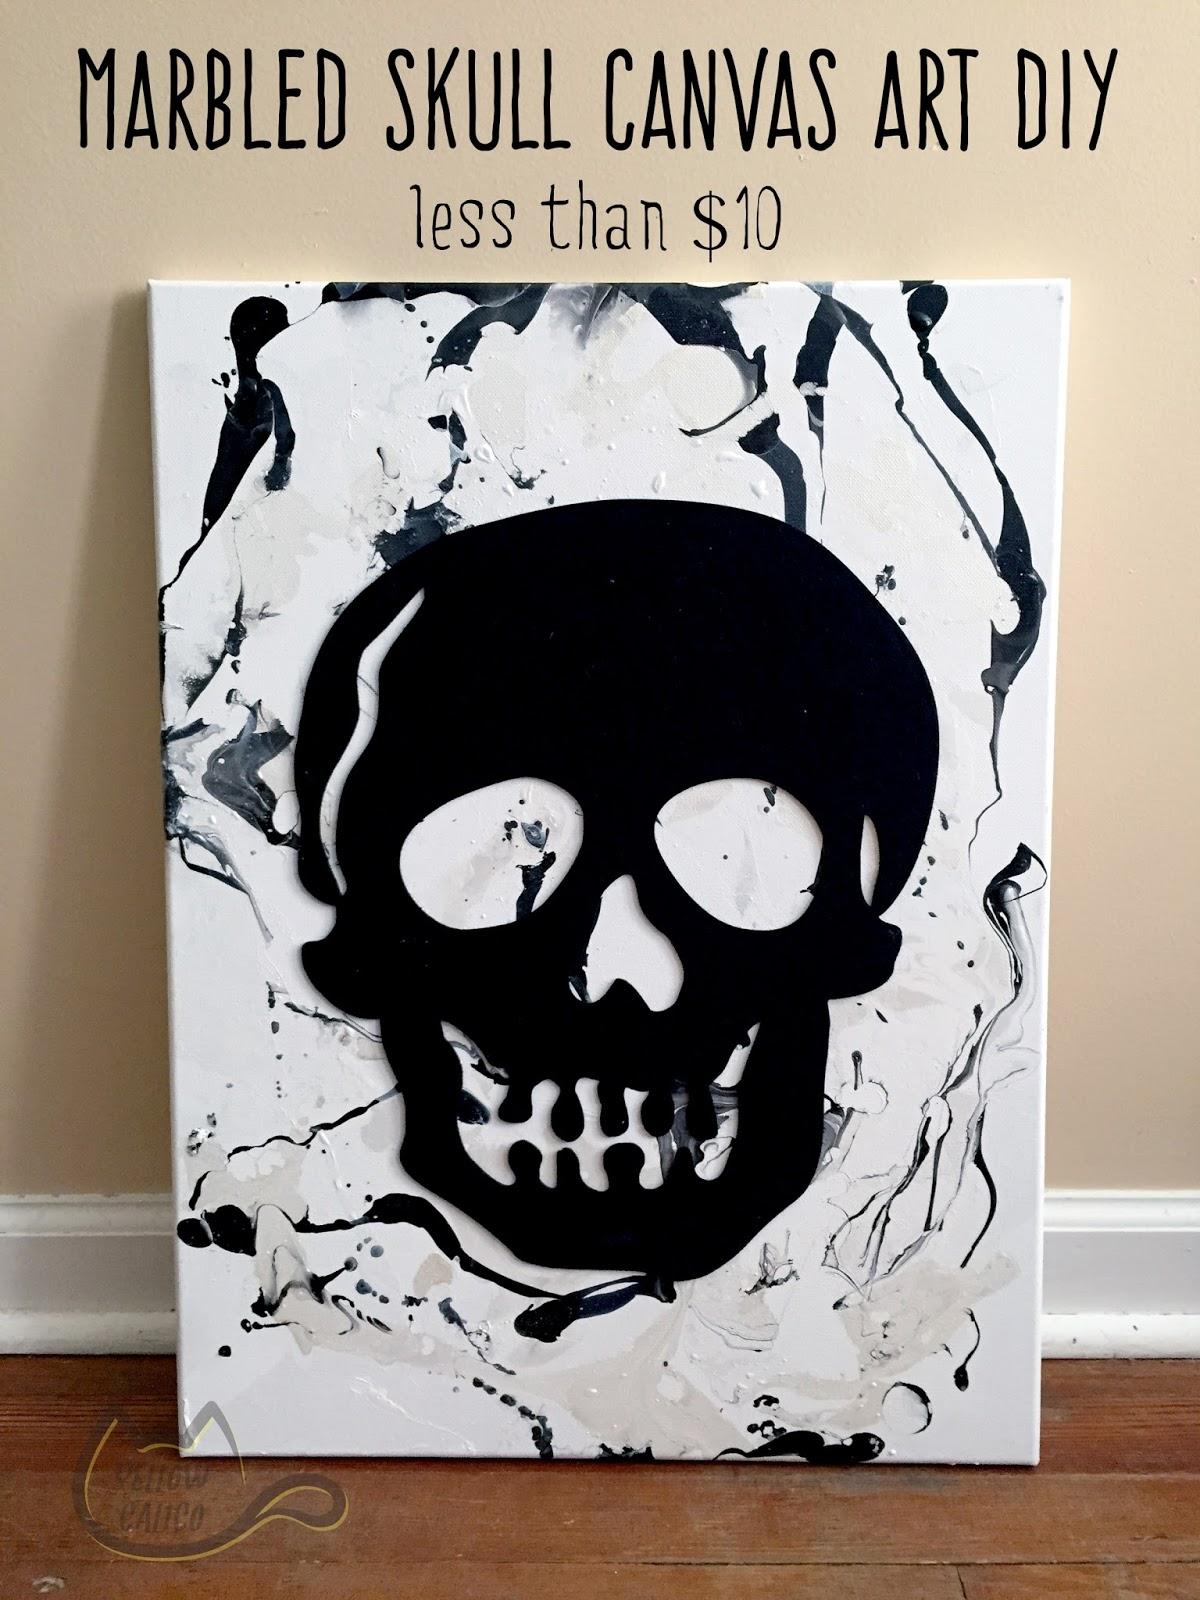 Marbled skull canvas art diy